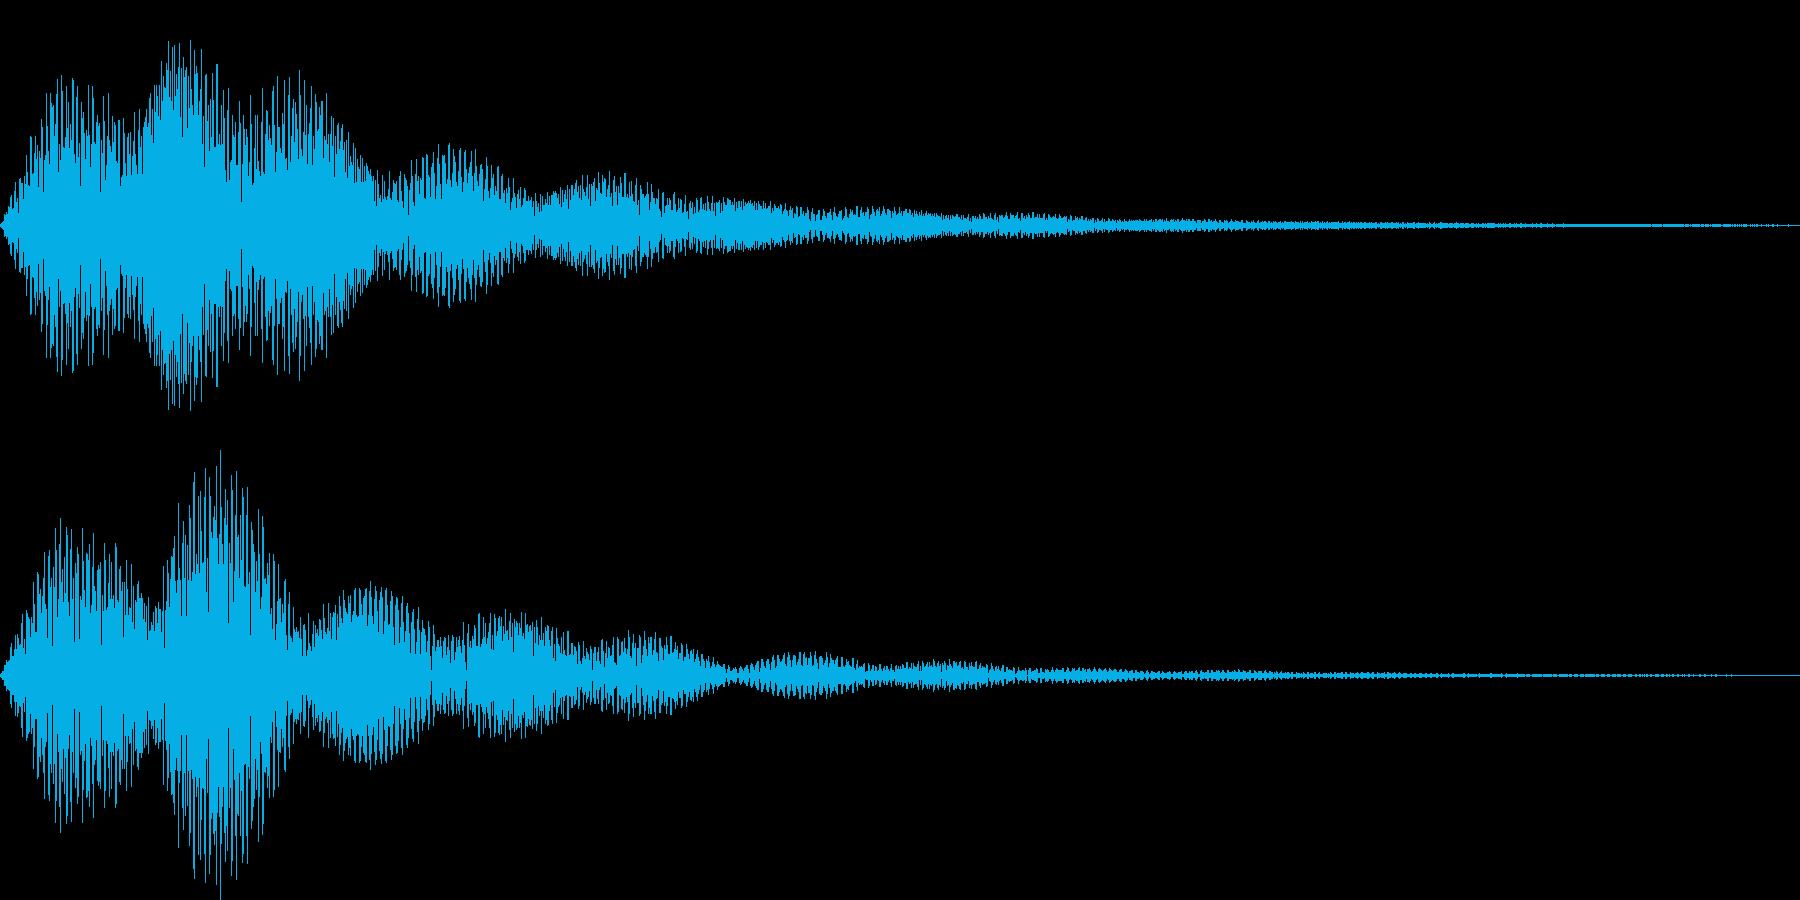 ボタン・操作音8の再生済みの波形